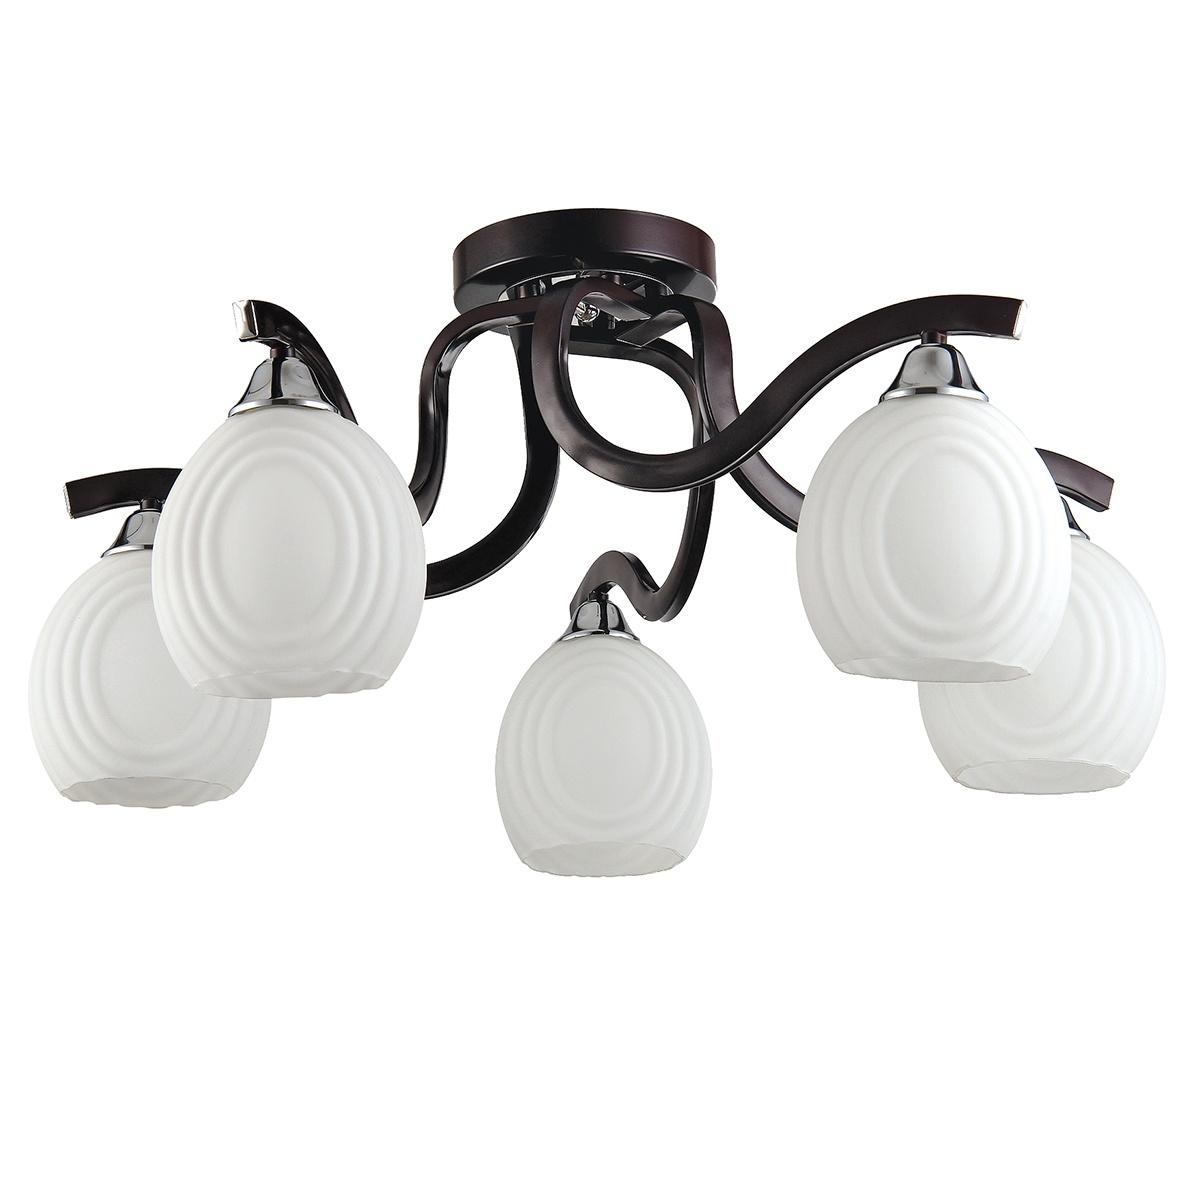 Потолочный светильник Toscom Trum потолочная люстра toscom teresa tc 133 506